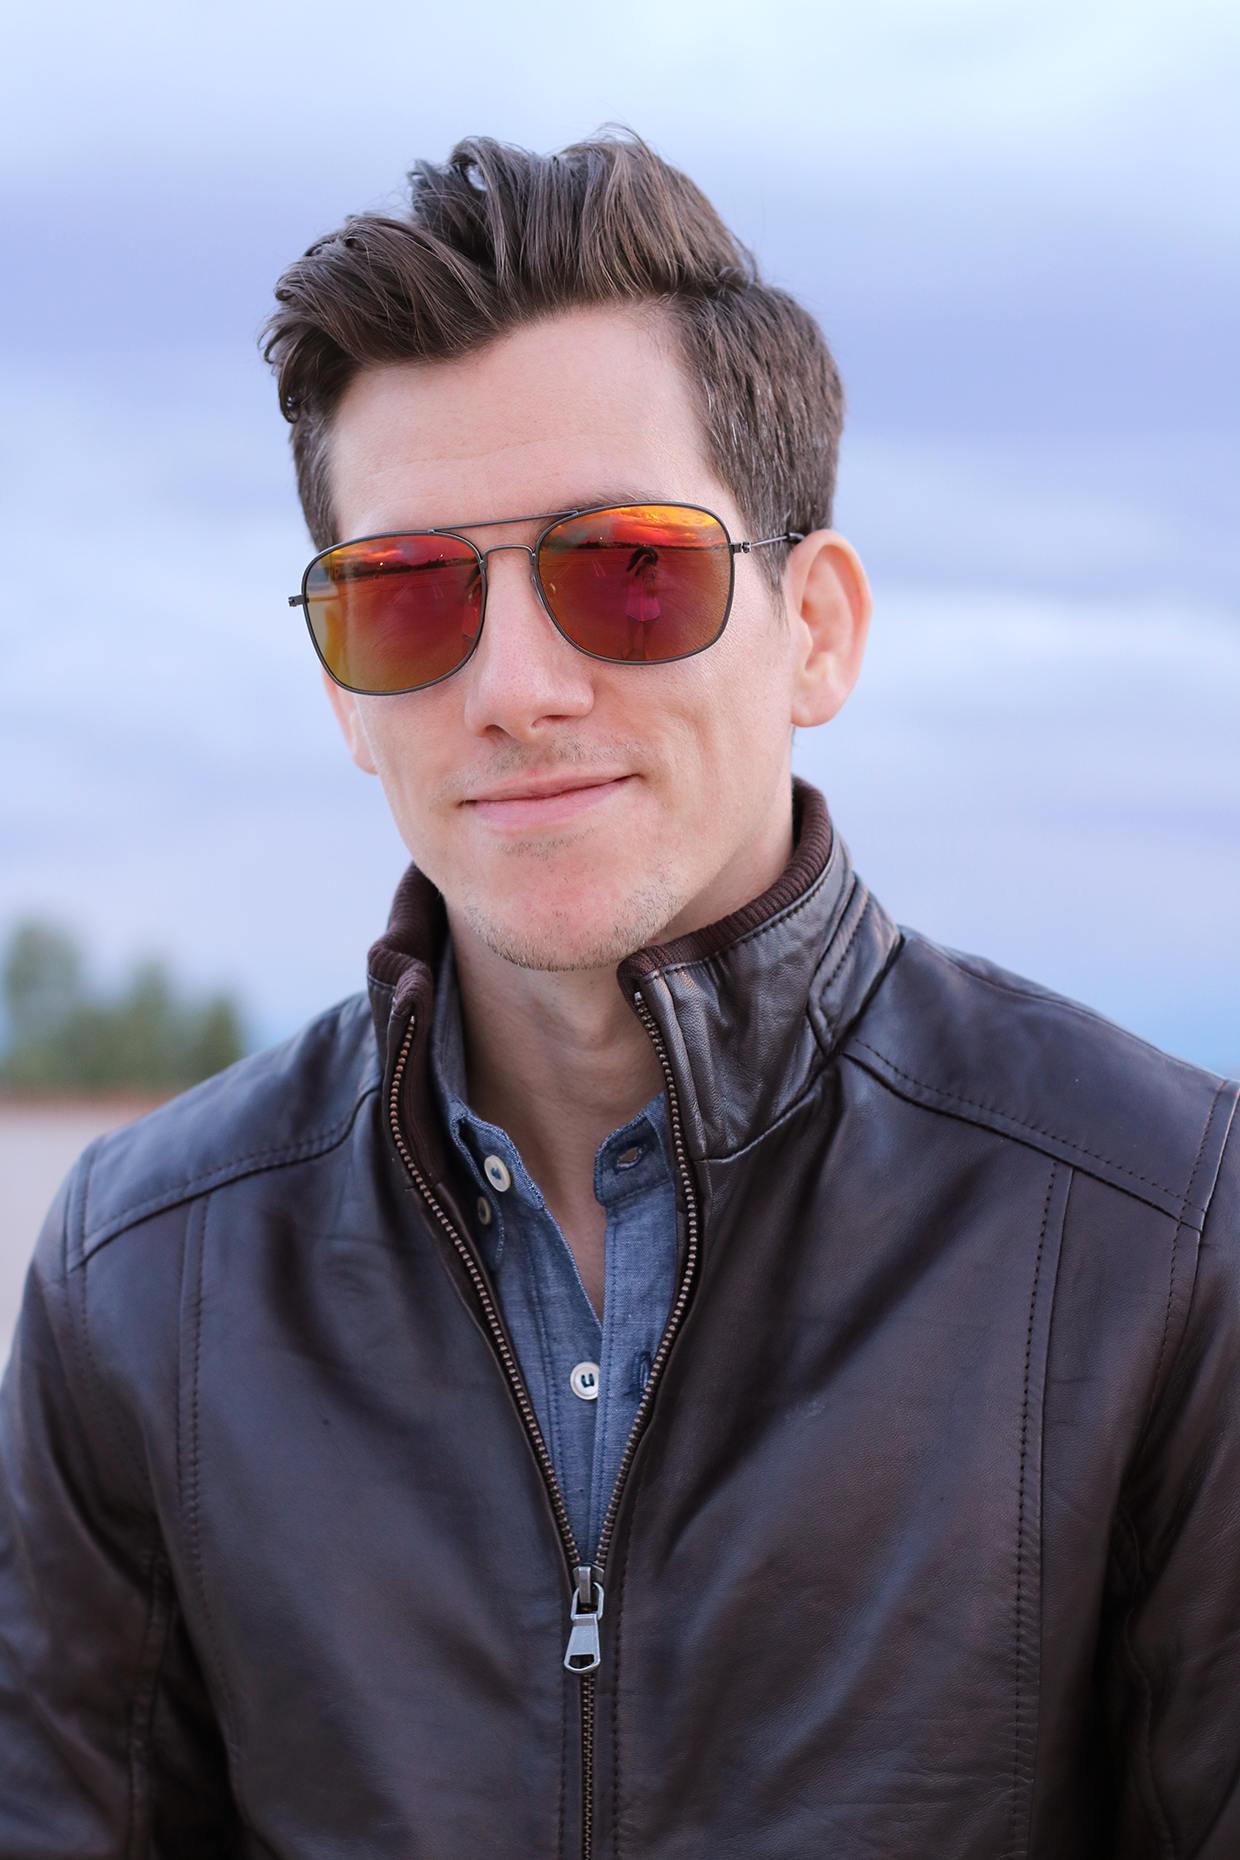 Leather jacket for short men